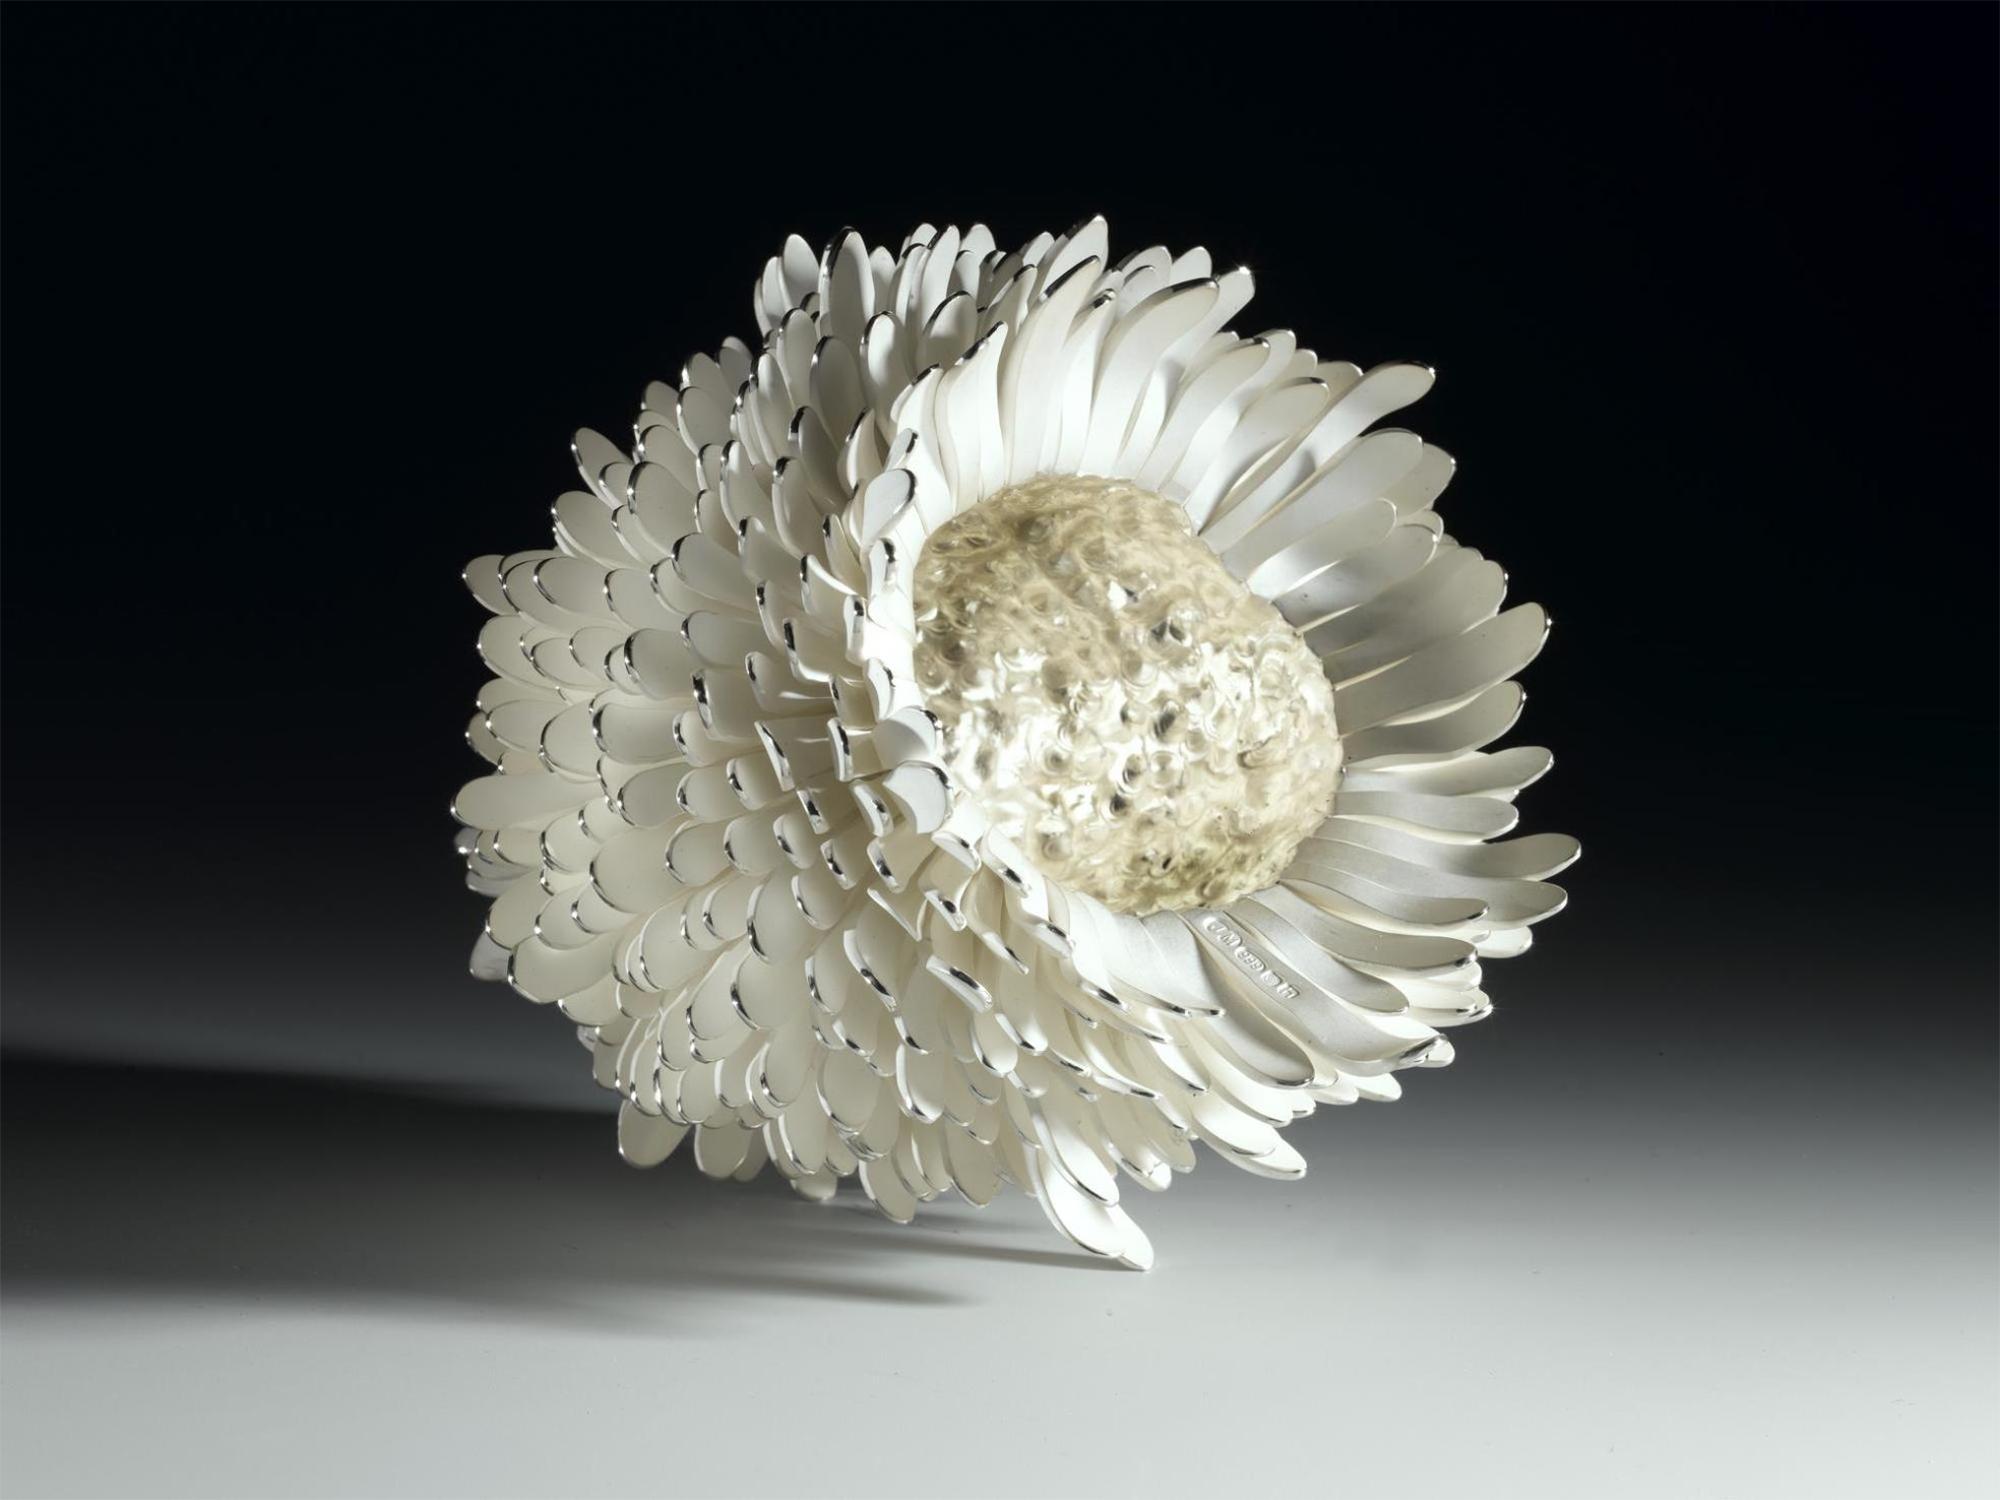 New Pinecone Silver Organism, by Junko Mori, 2007